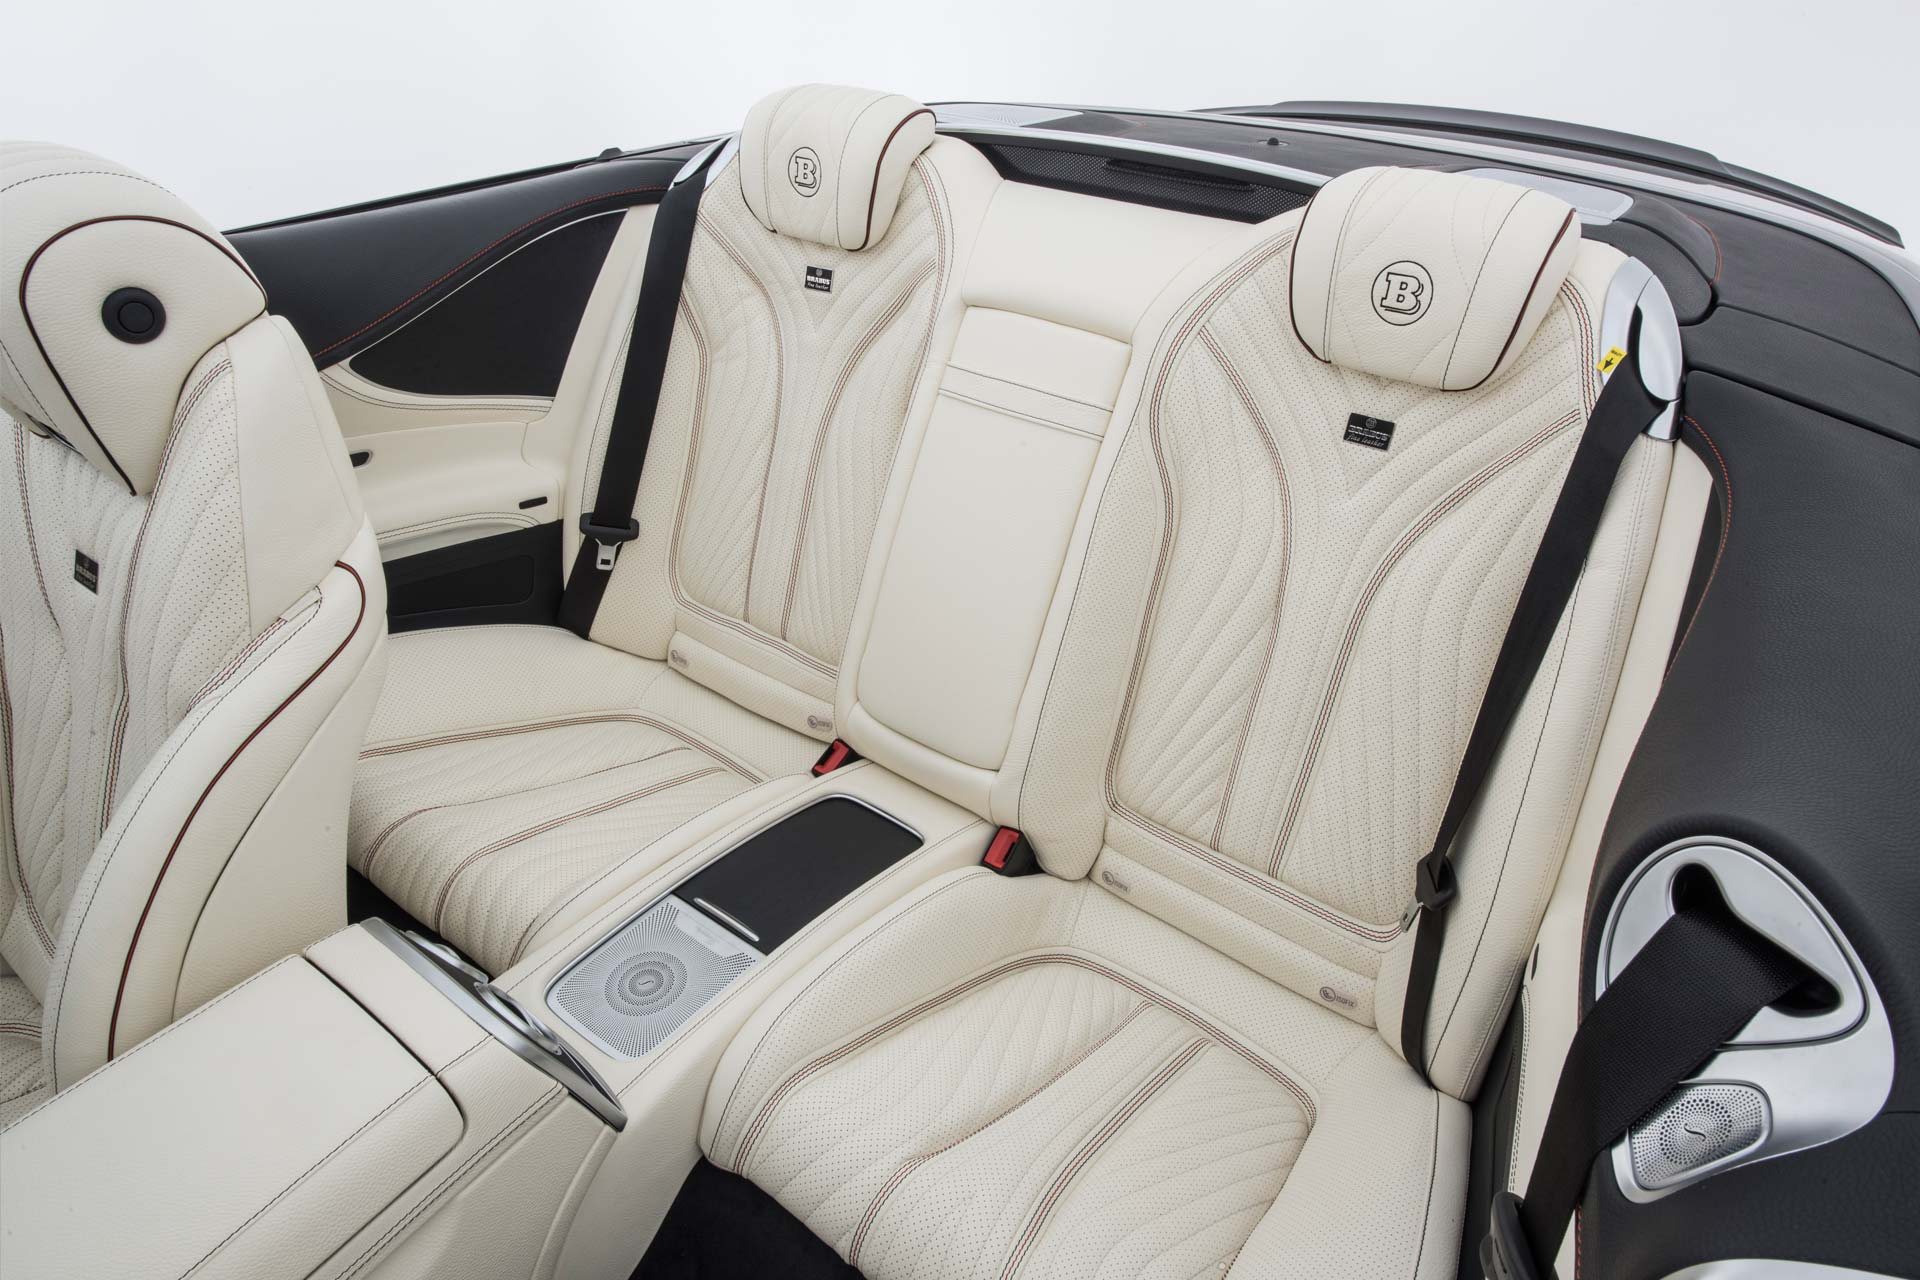 BRABUS-ROCKET-900-Cabrio-interior_3